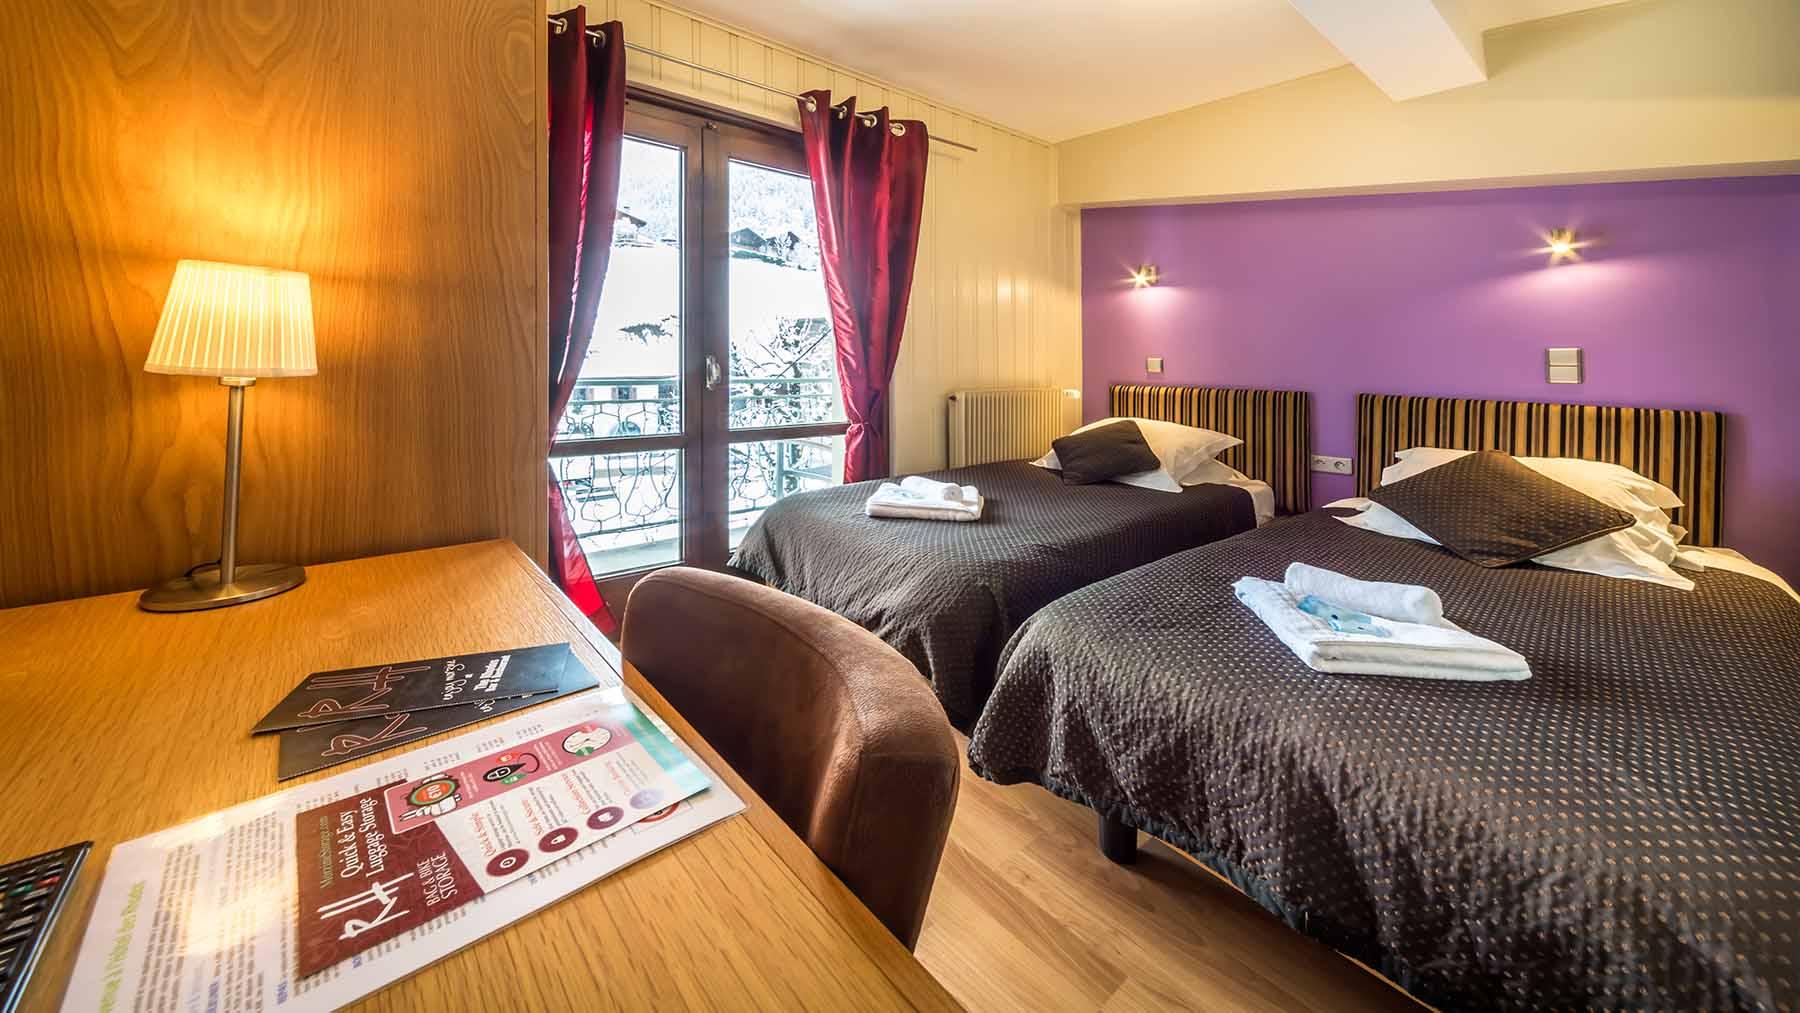 Rhodos Hotel Bedroom with Balcony